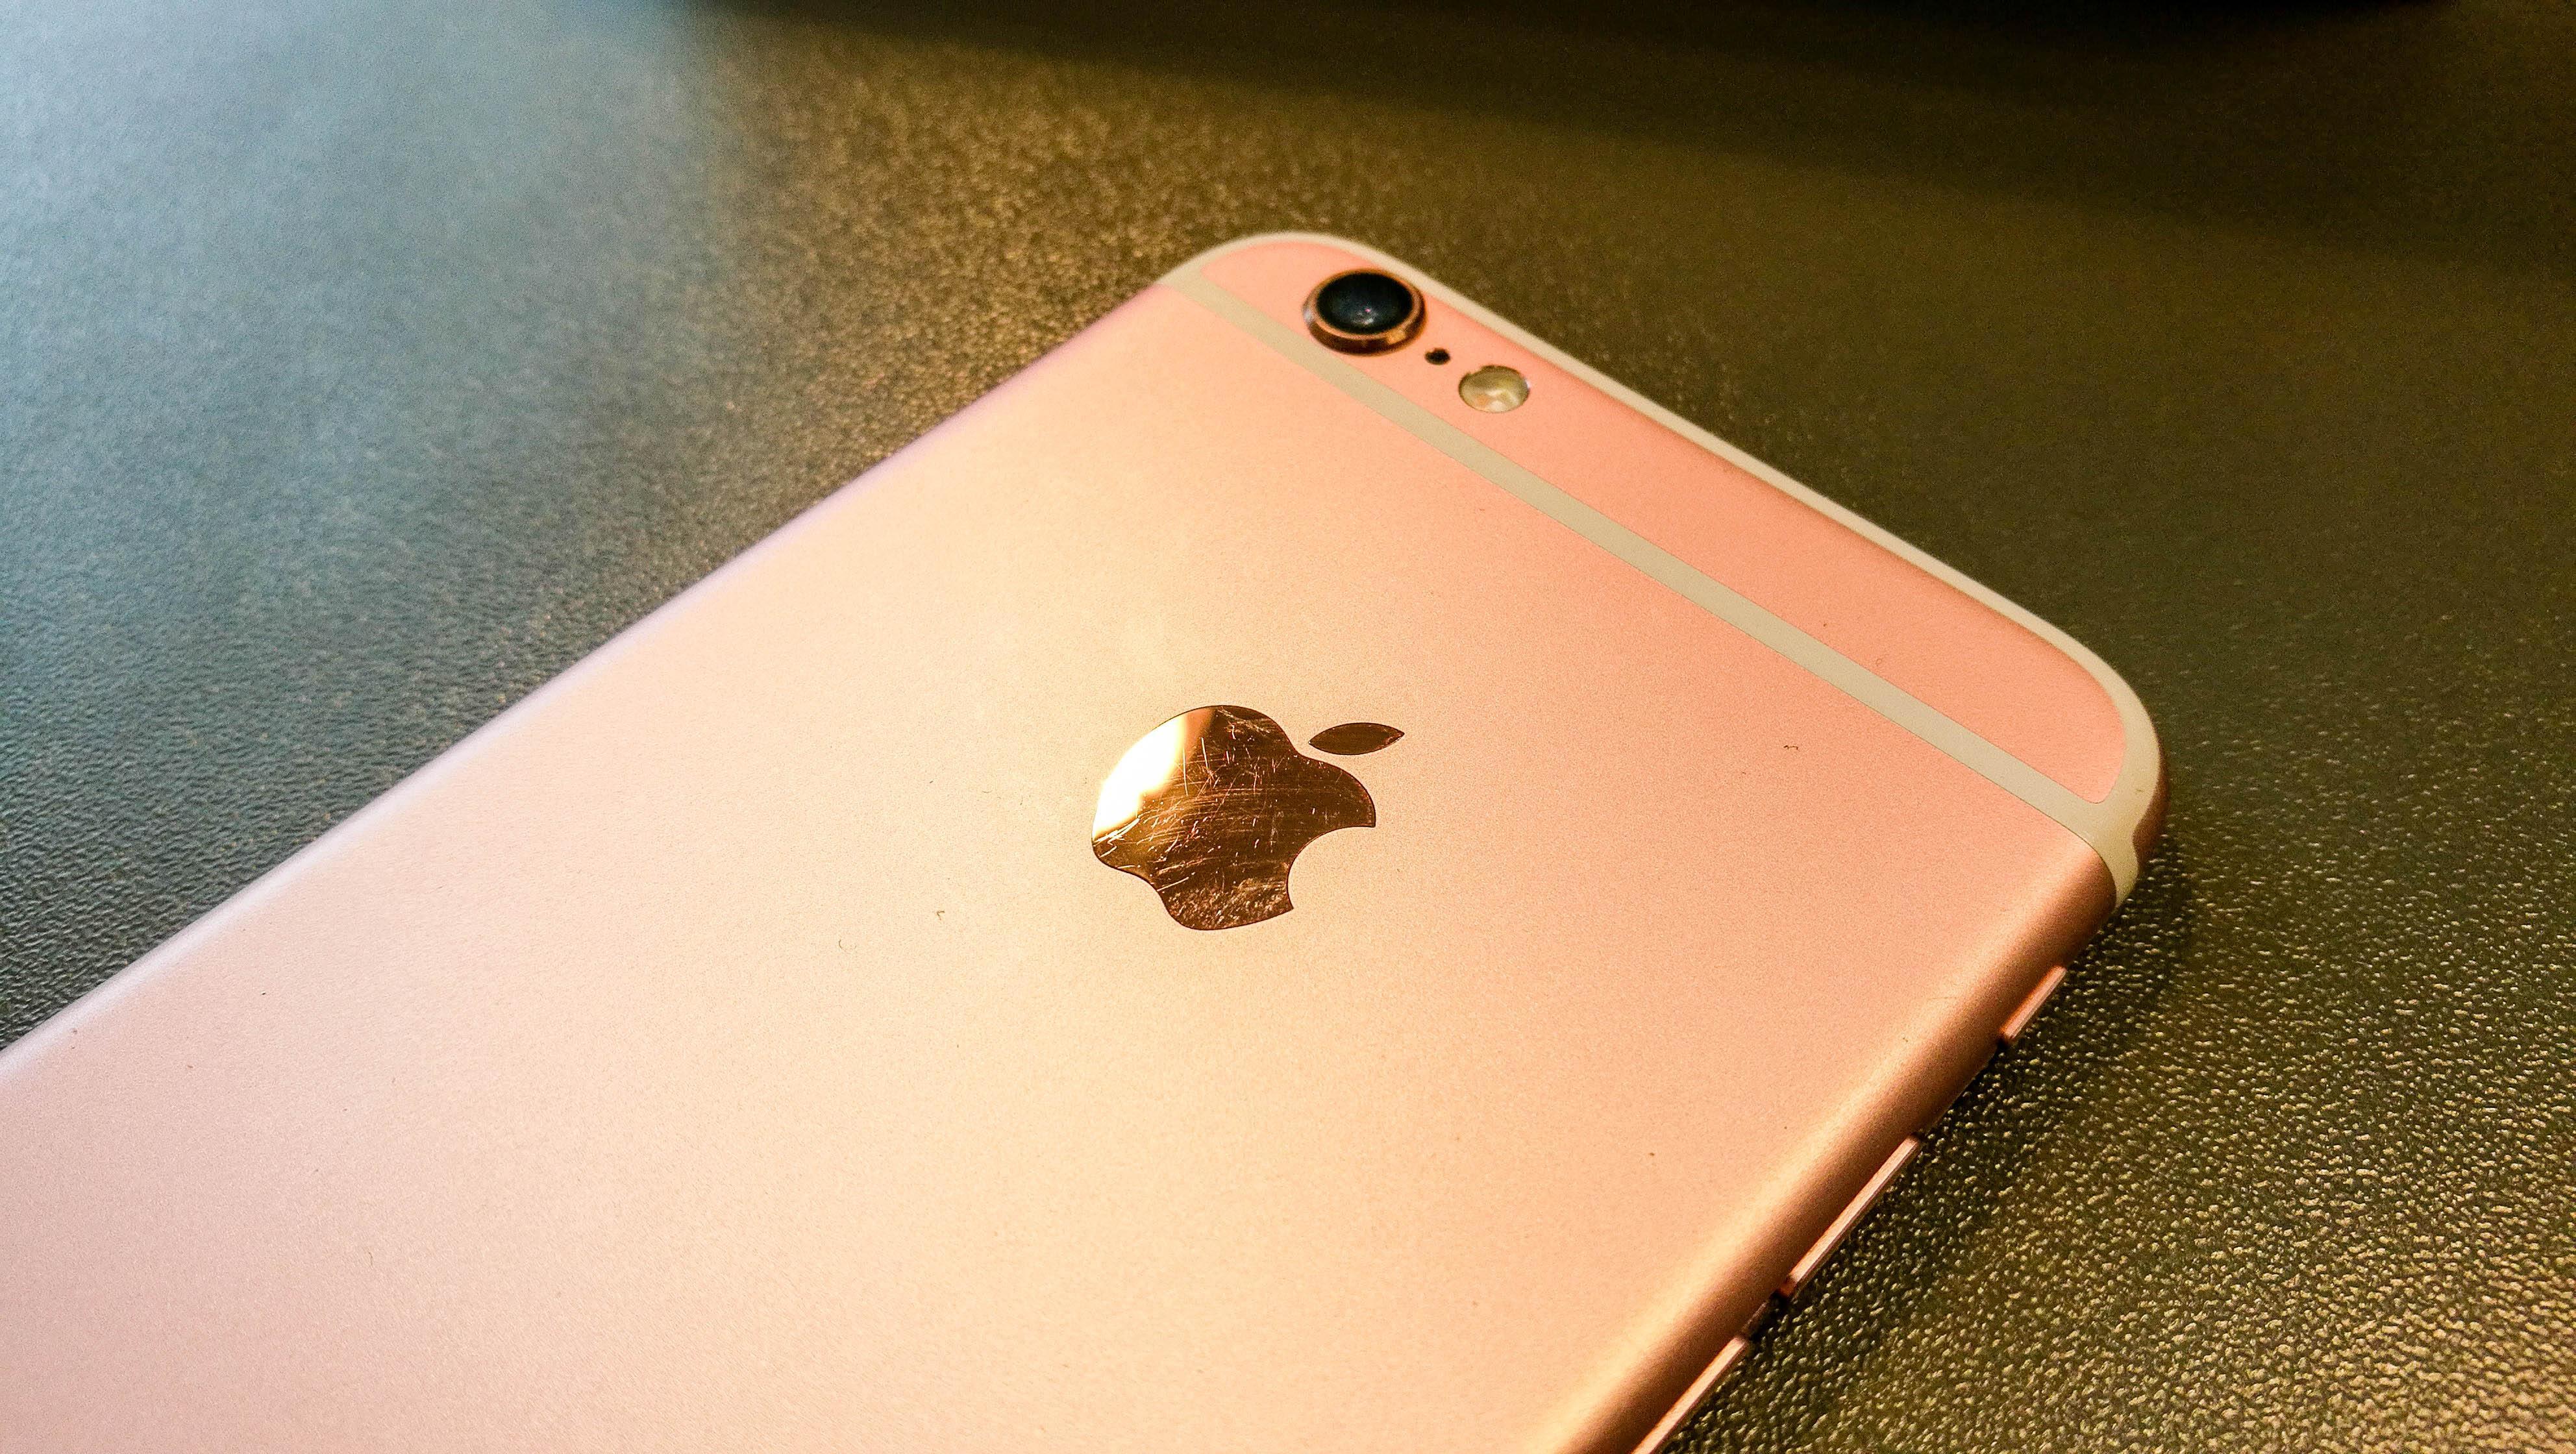 ce6e09771d0 Skal du have den nye iPhone? Sælg den gamle nu